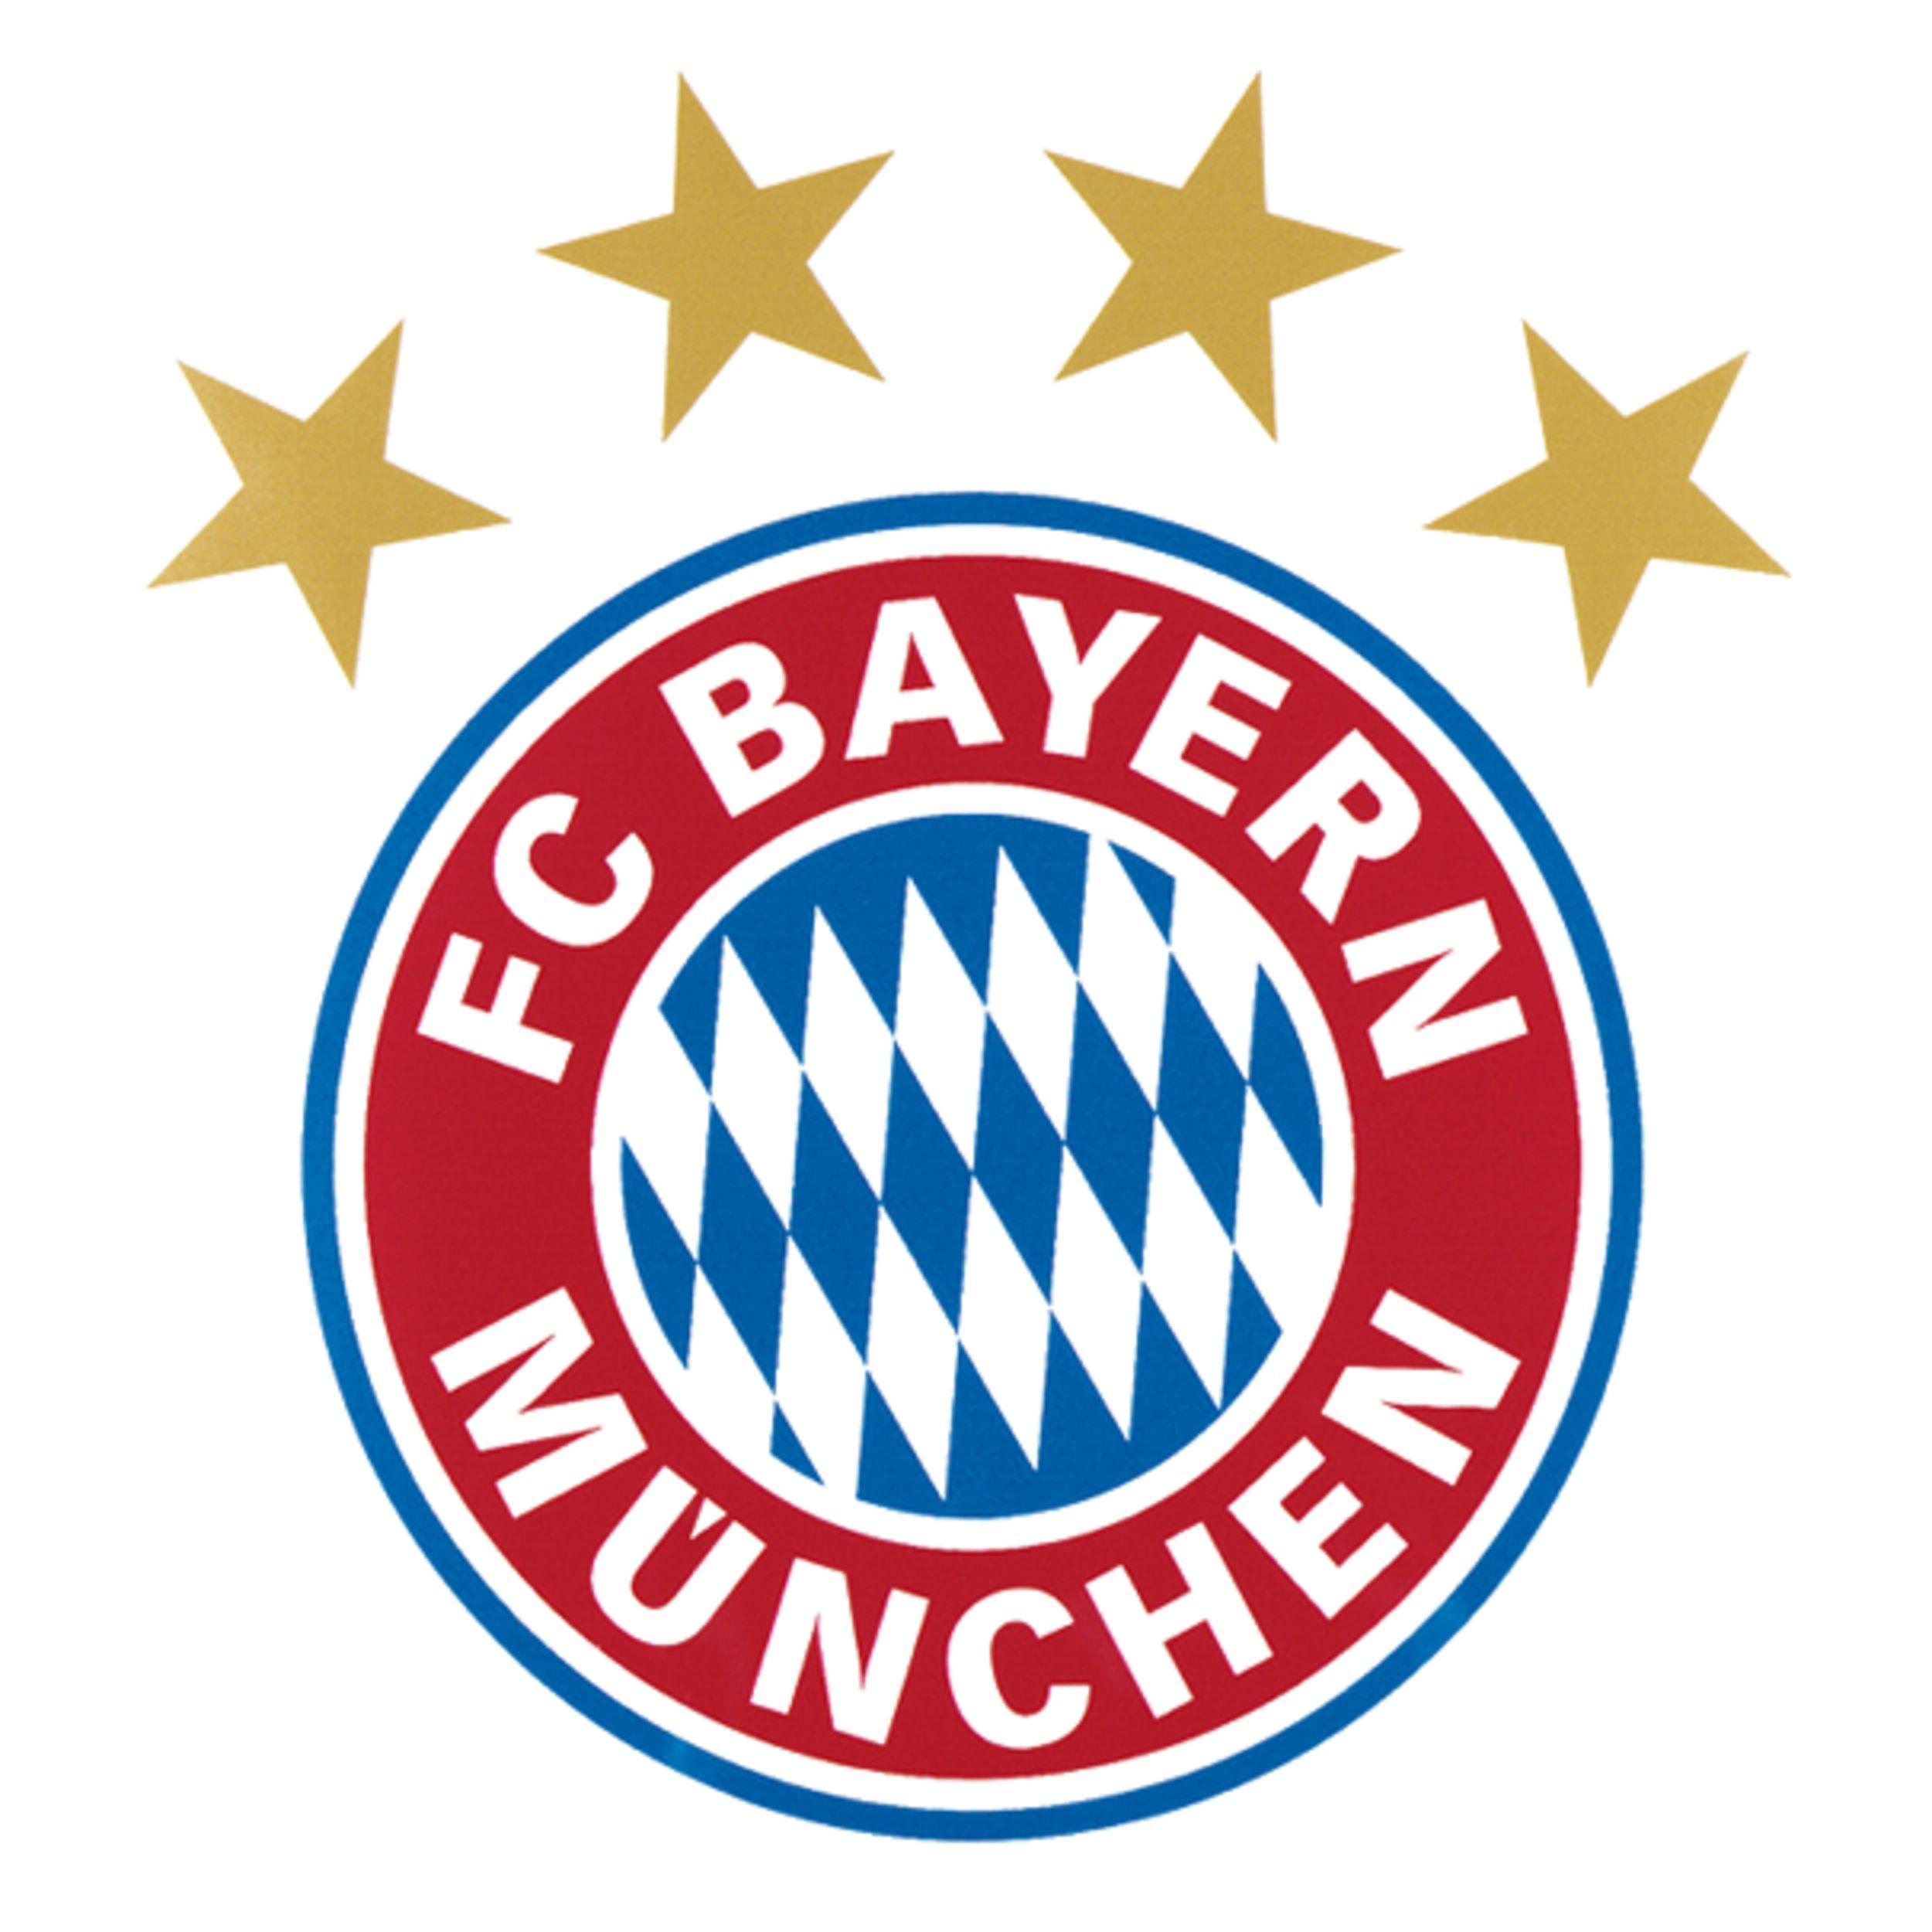 logo for bayern munchen